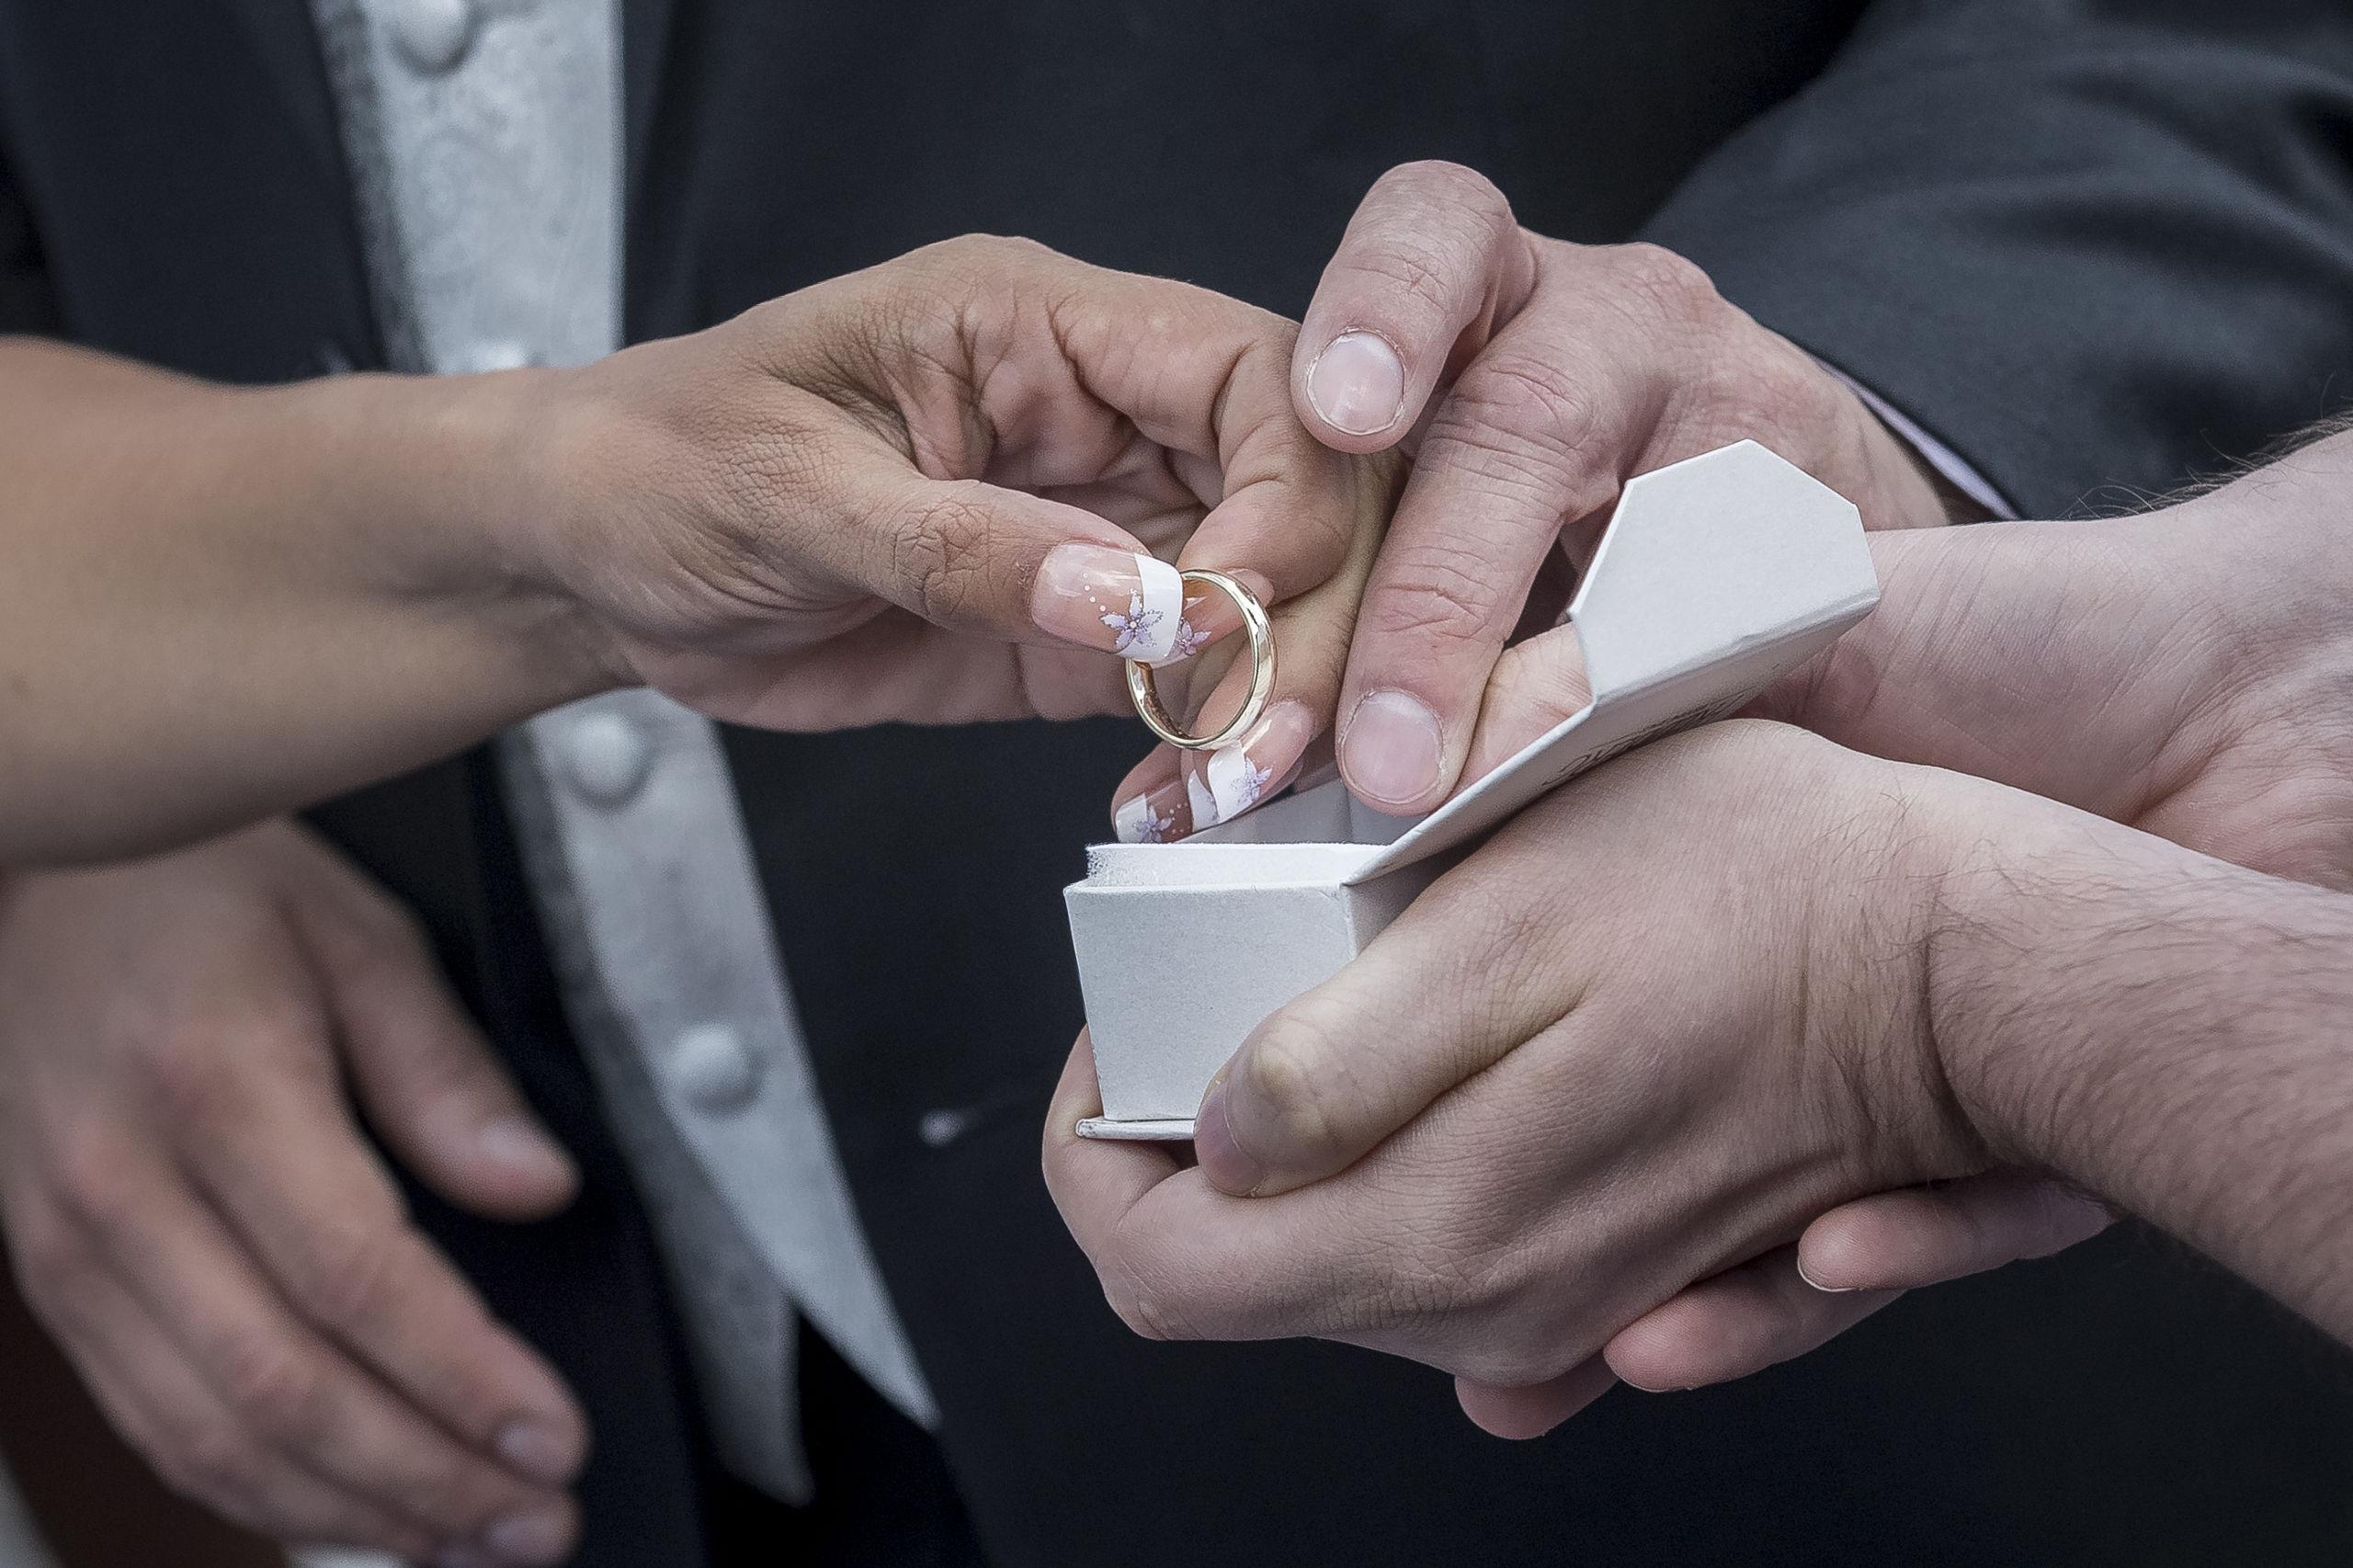 Bliv gift med det samme: Aalborg-kirke laver drop-in-bryllup